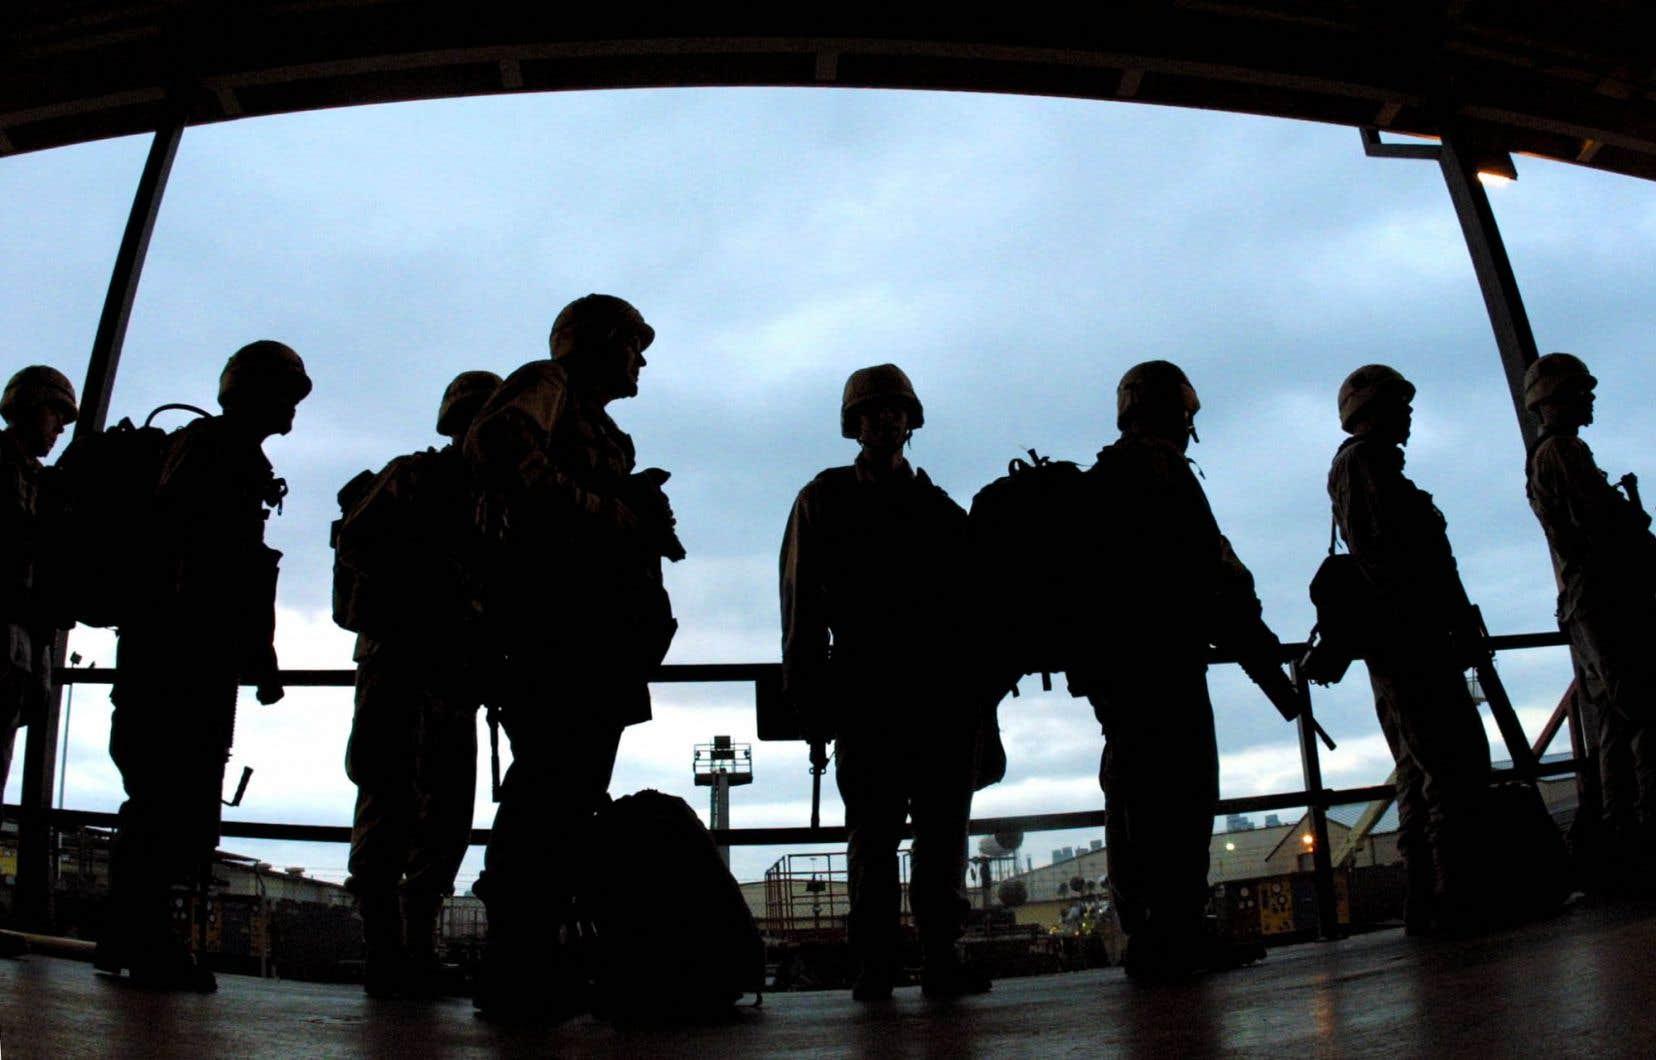 Selon le ministère américain de la Défense, il y aurait de 2500 à 7000 personnes transgenres sur les 1,3 million de militaires en activité.